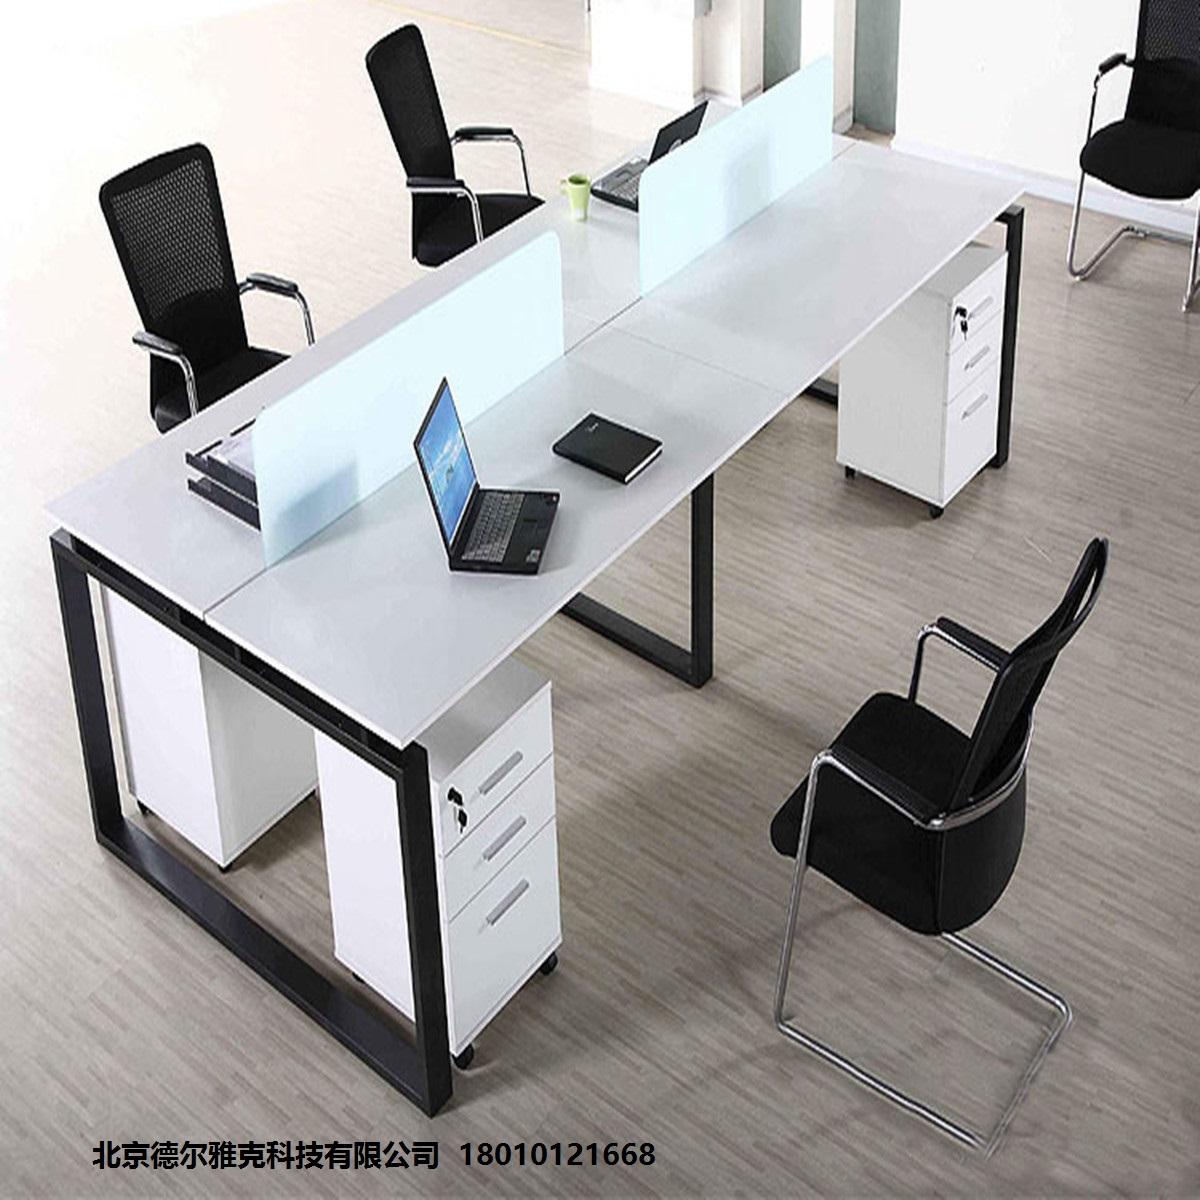 供應北京辦公家具價格/辦公家具設計/北京辦公家具廠家